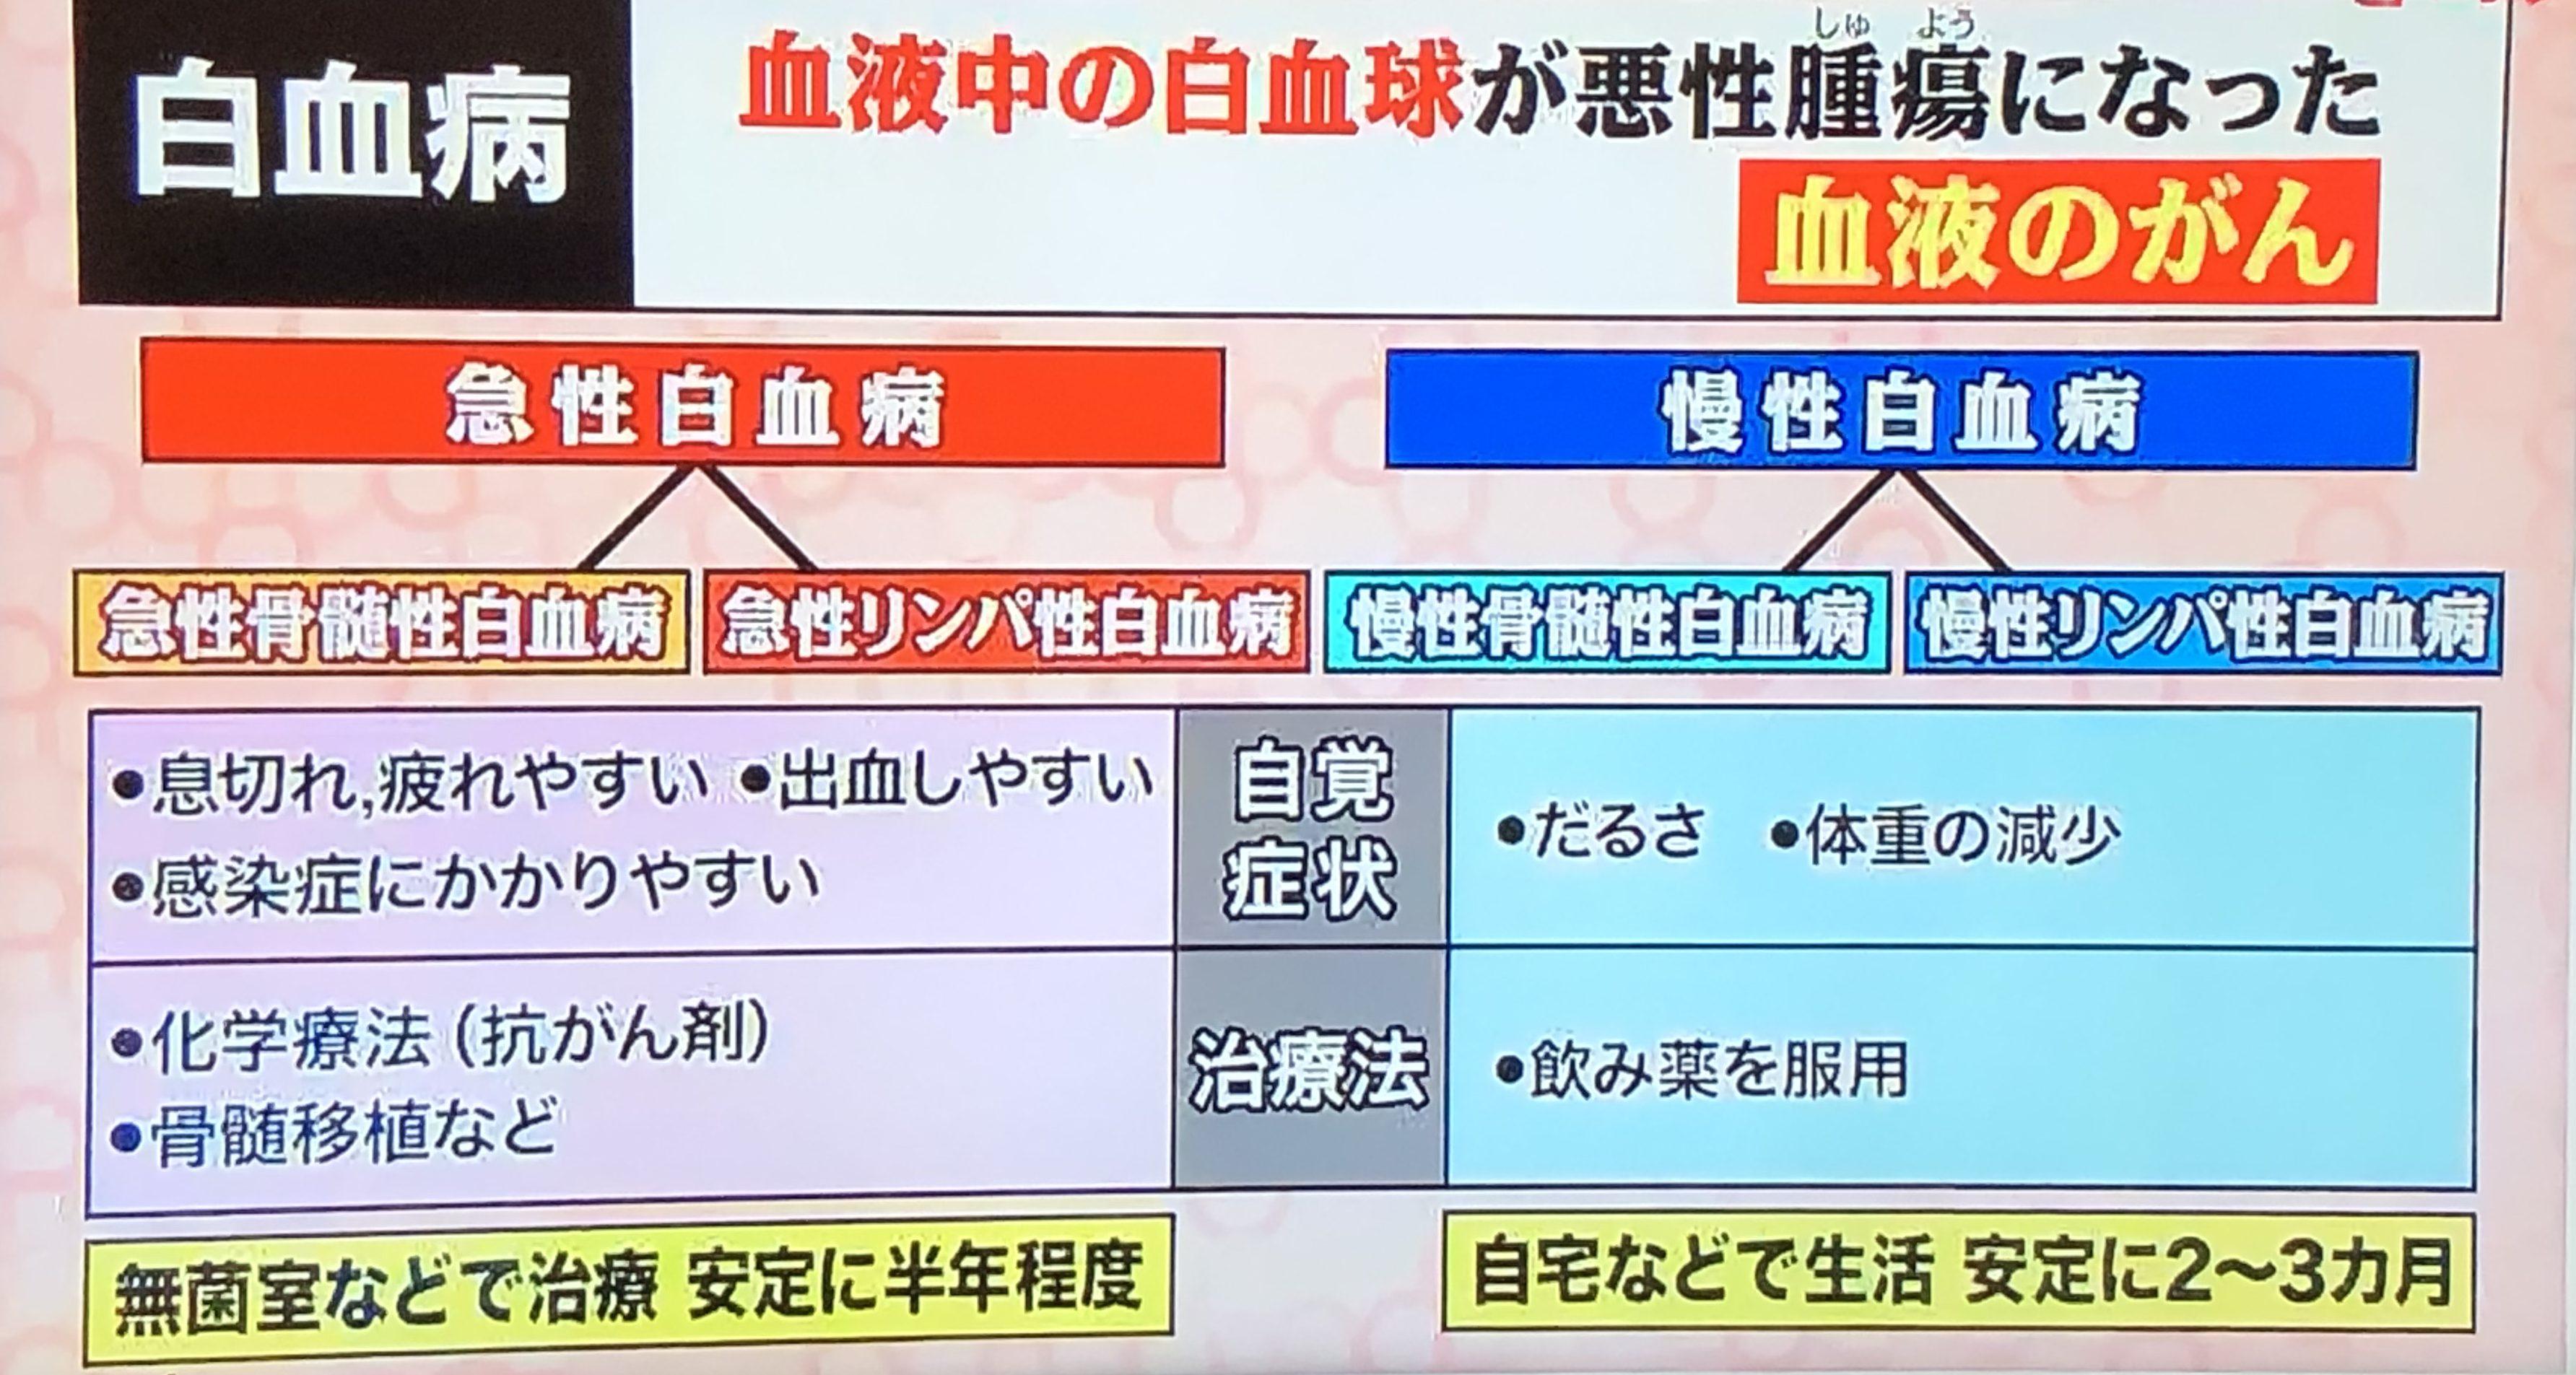 ナビタスクリニック Blog Archive 競泳 池江選手は急性白血病